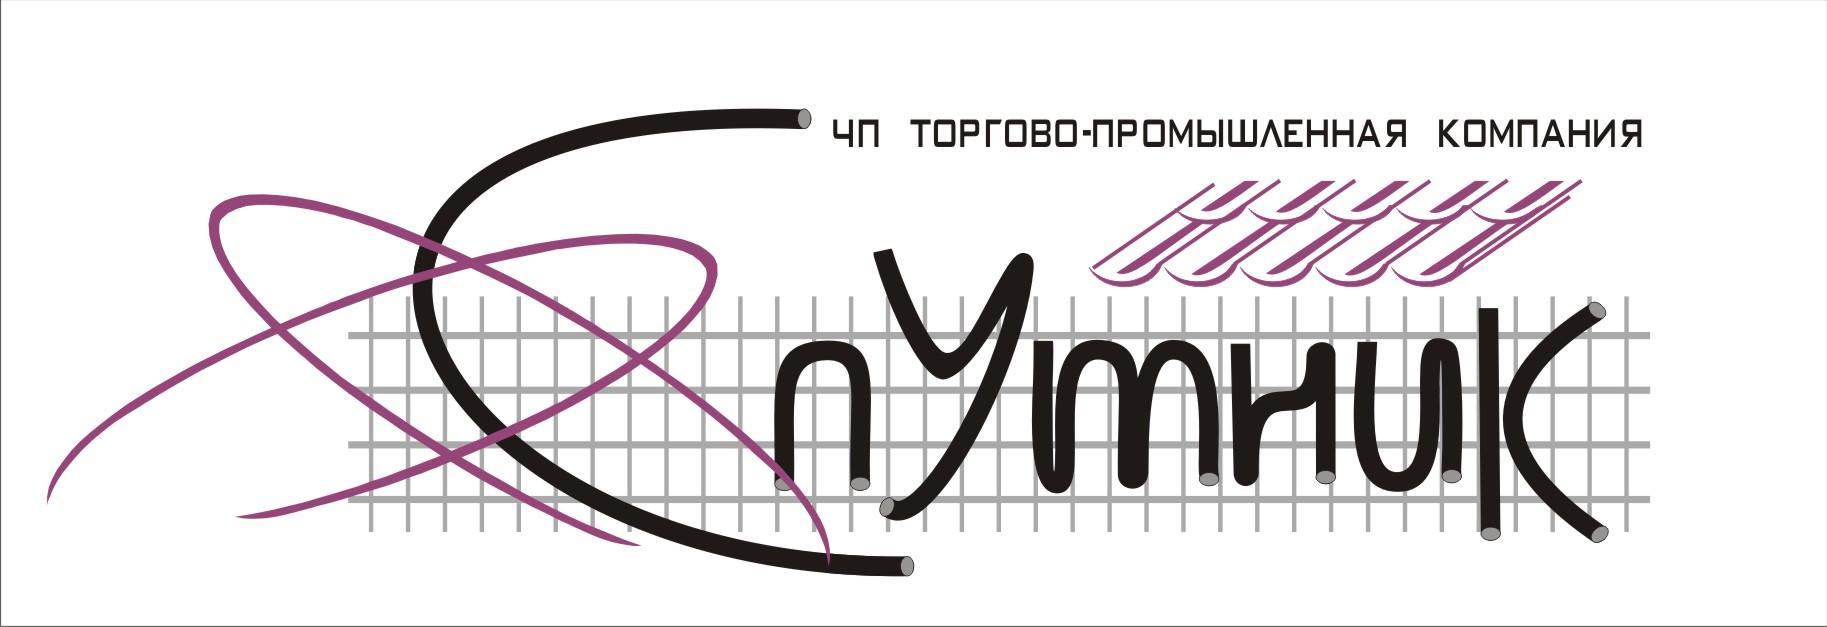 Спутник ТПК, ЧП, Донецк